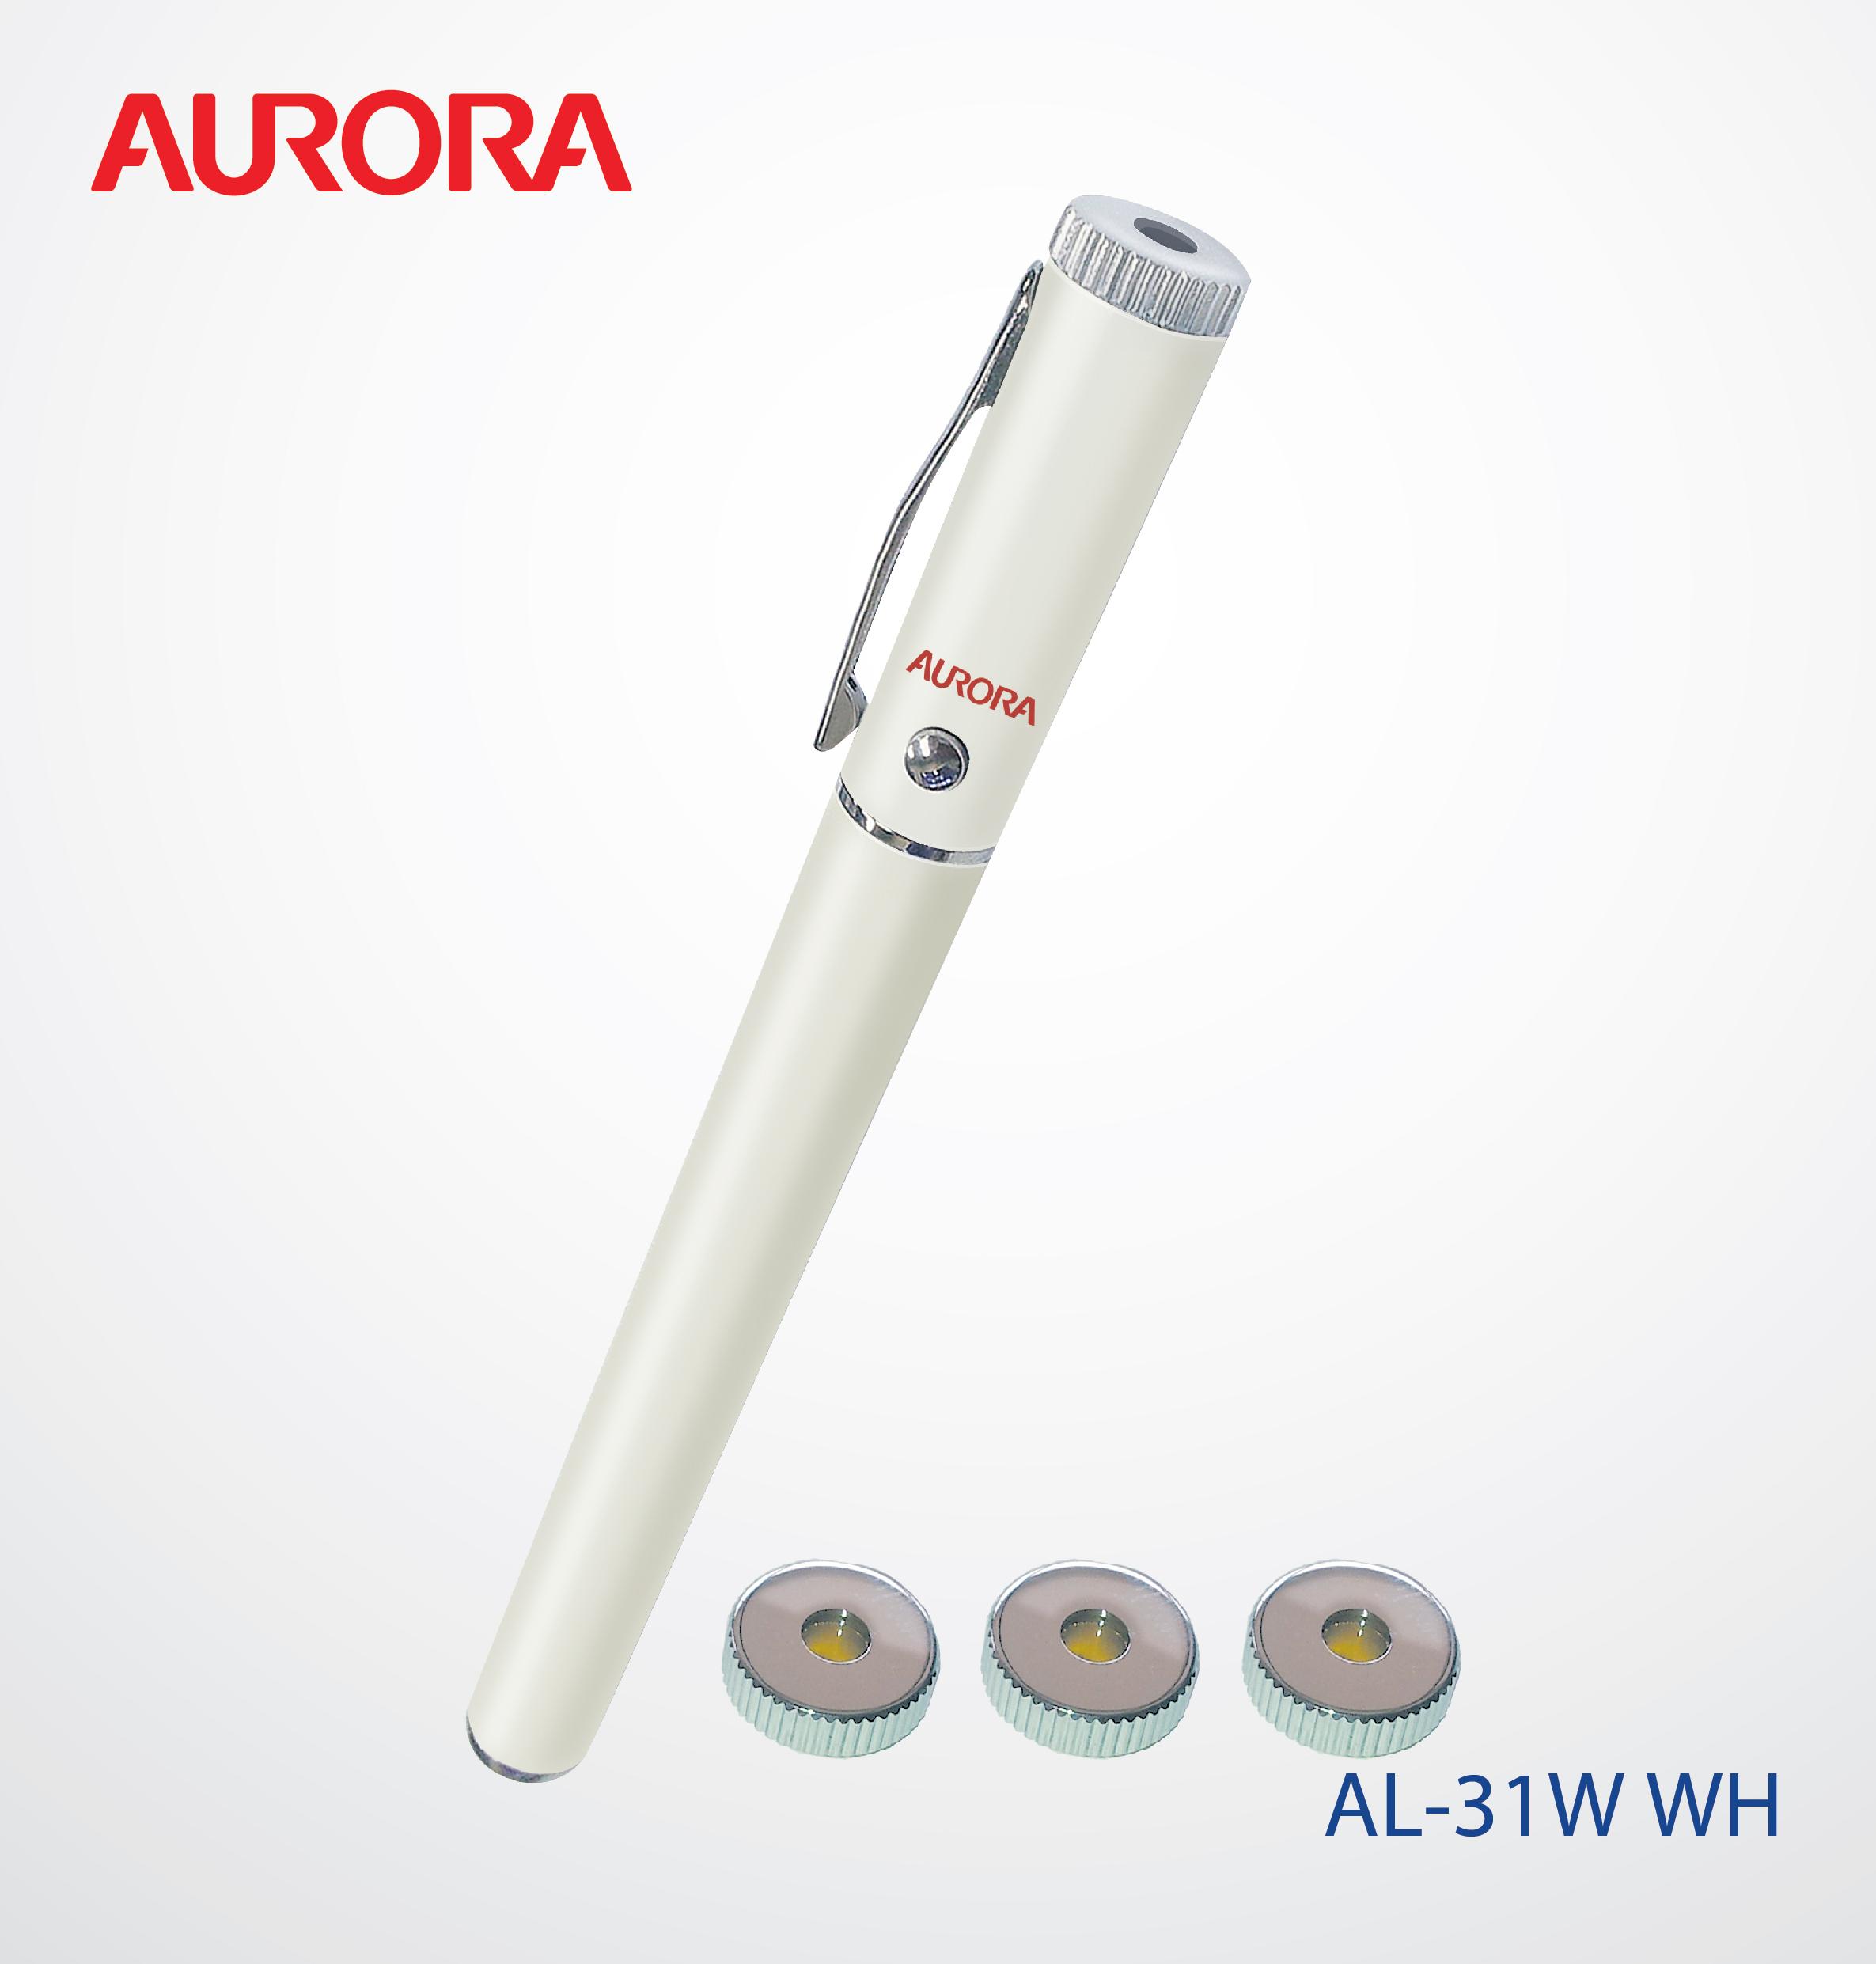 Laser Pointer_AL-31W WH